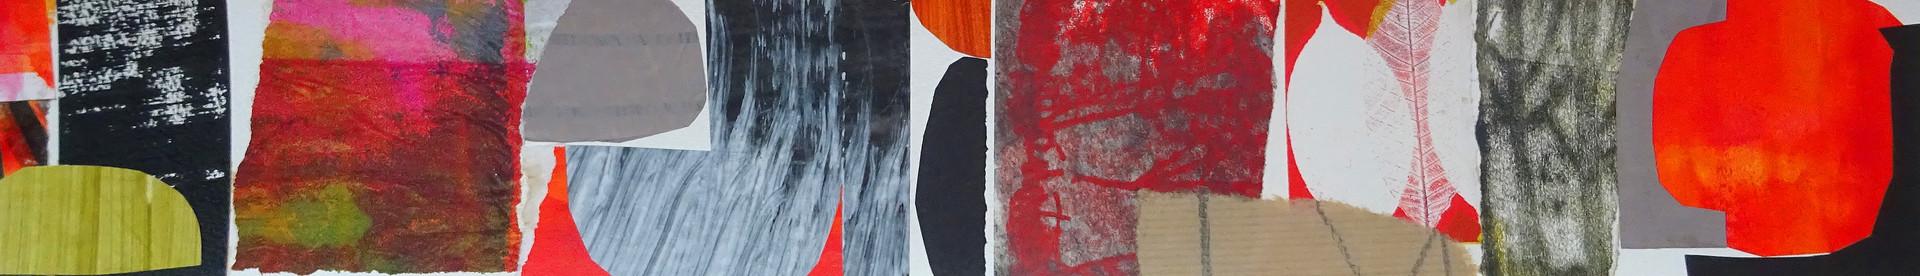 Red, Black & White 2